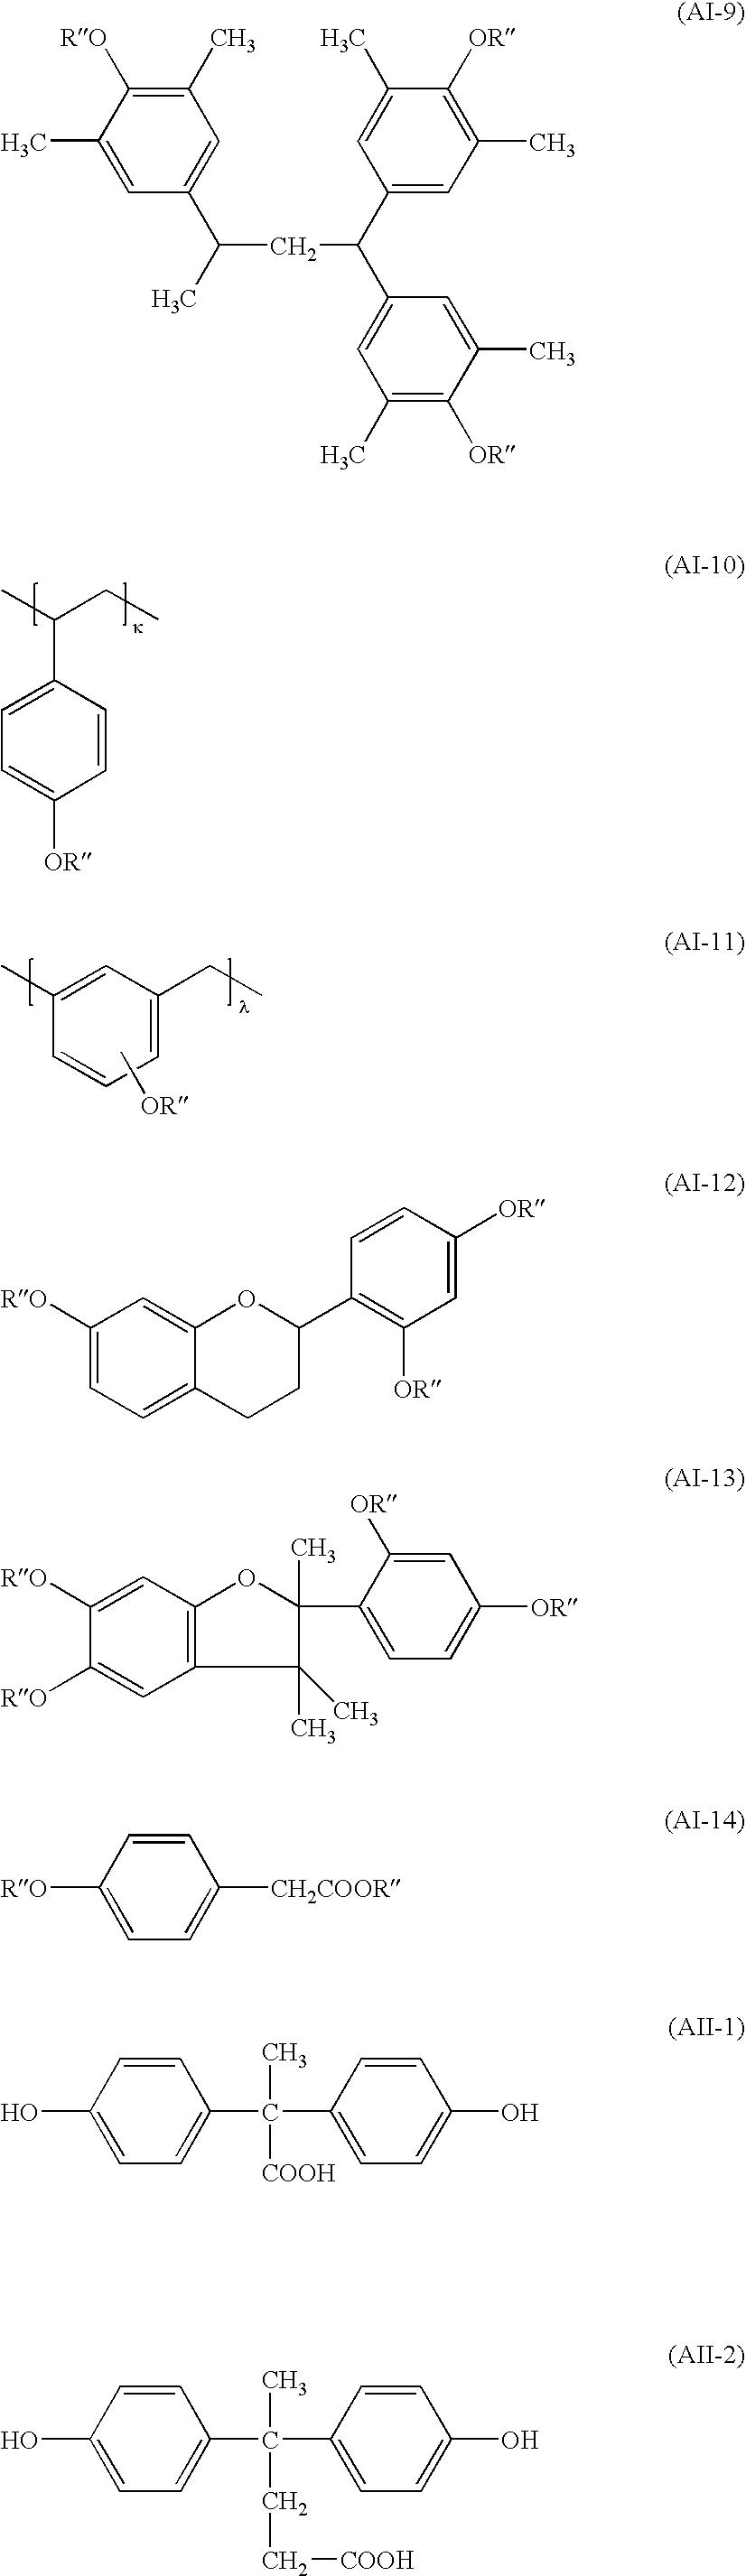 Figure US20070231738A1-20071004-C00072